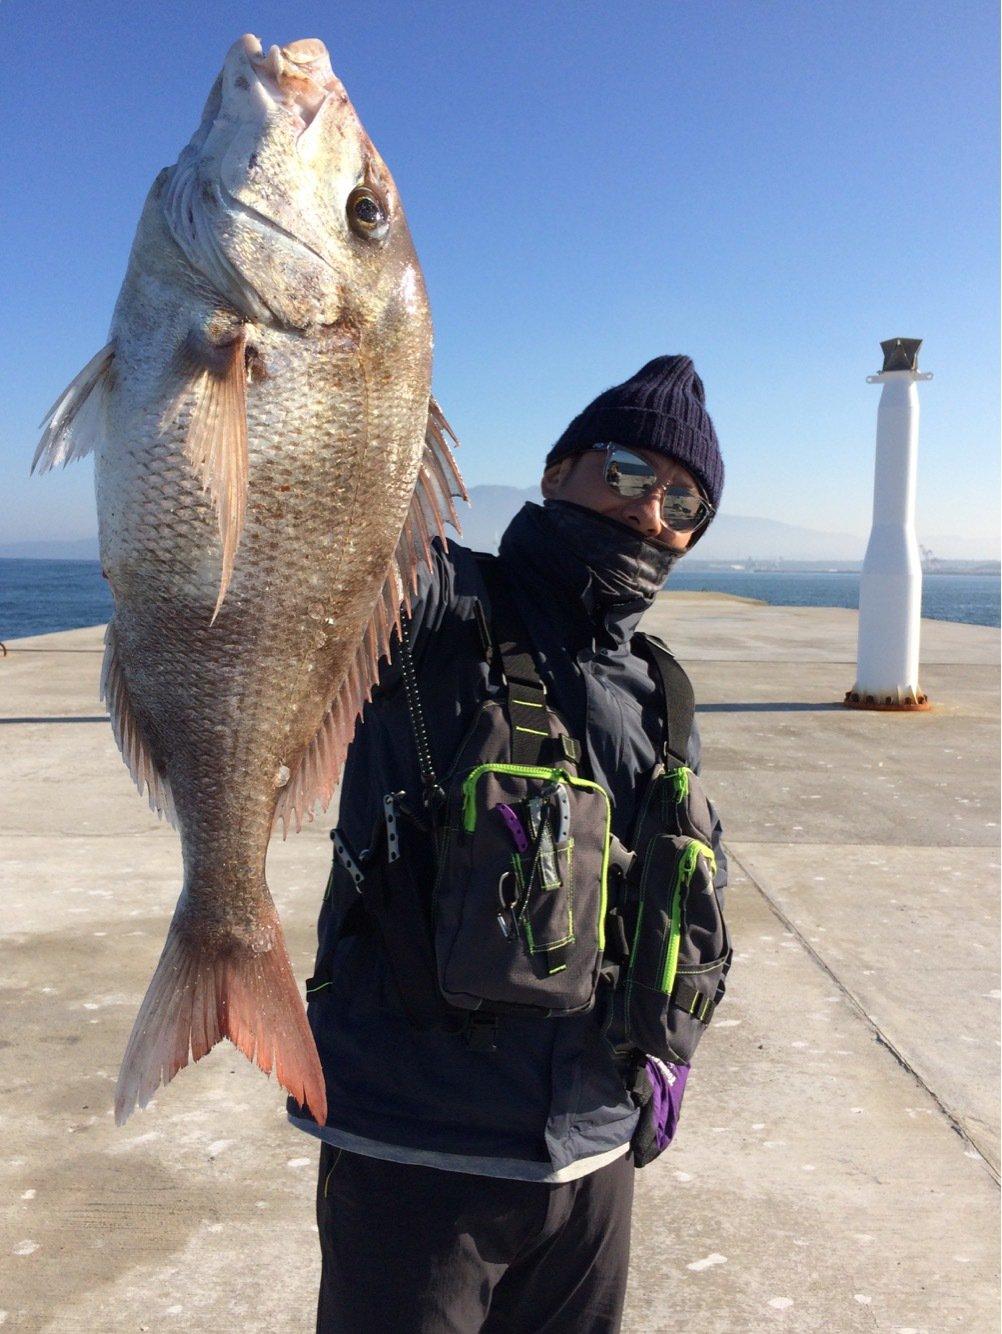 gonzuimaniacさんの投稿画像,写っている魚はマダイ